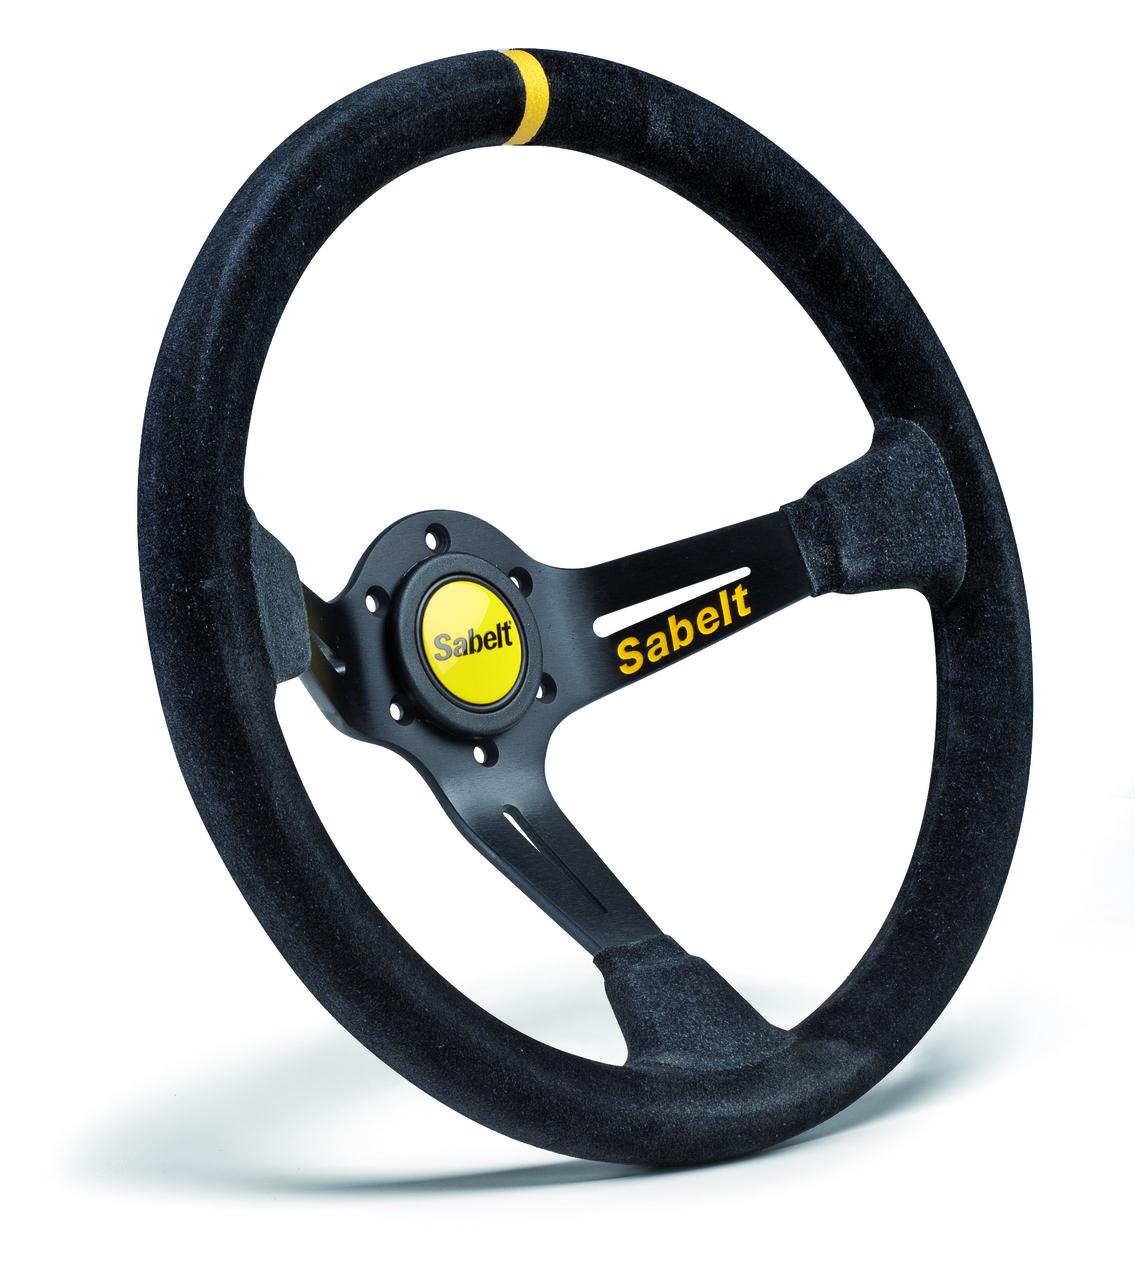 Sabelt Sw 390 Steering Wheel Hack Engineeringhack